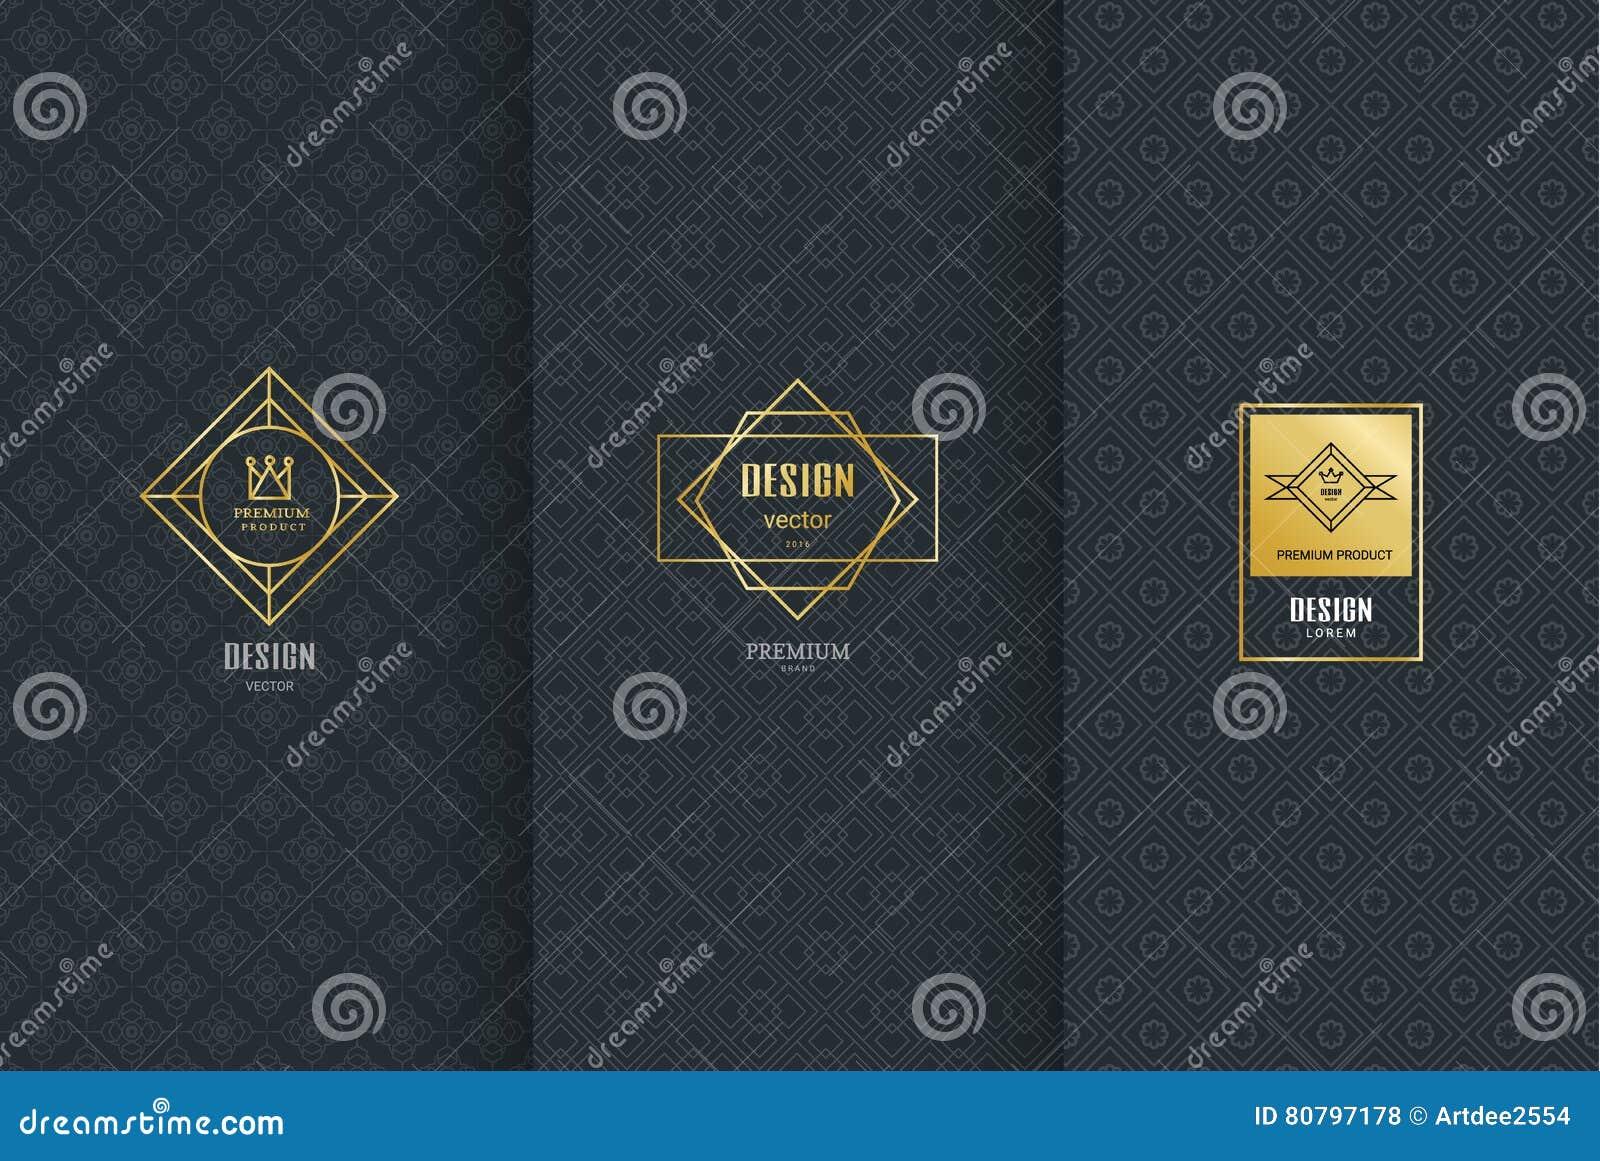 Colección de elementos del diseño, etiquetas, icono, marcos, para empaquetar,